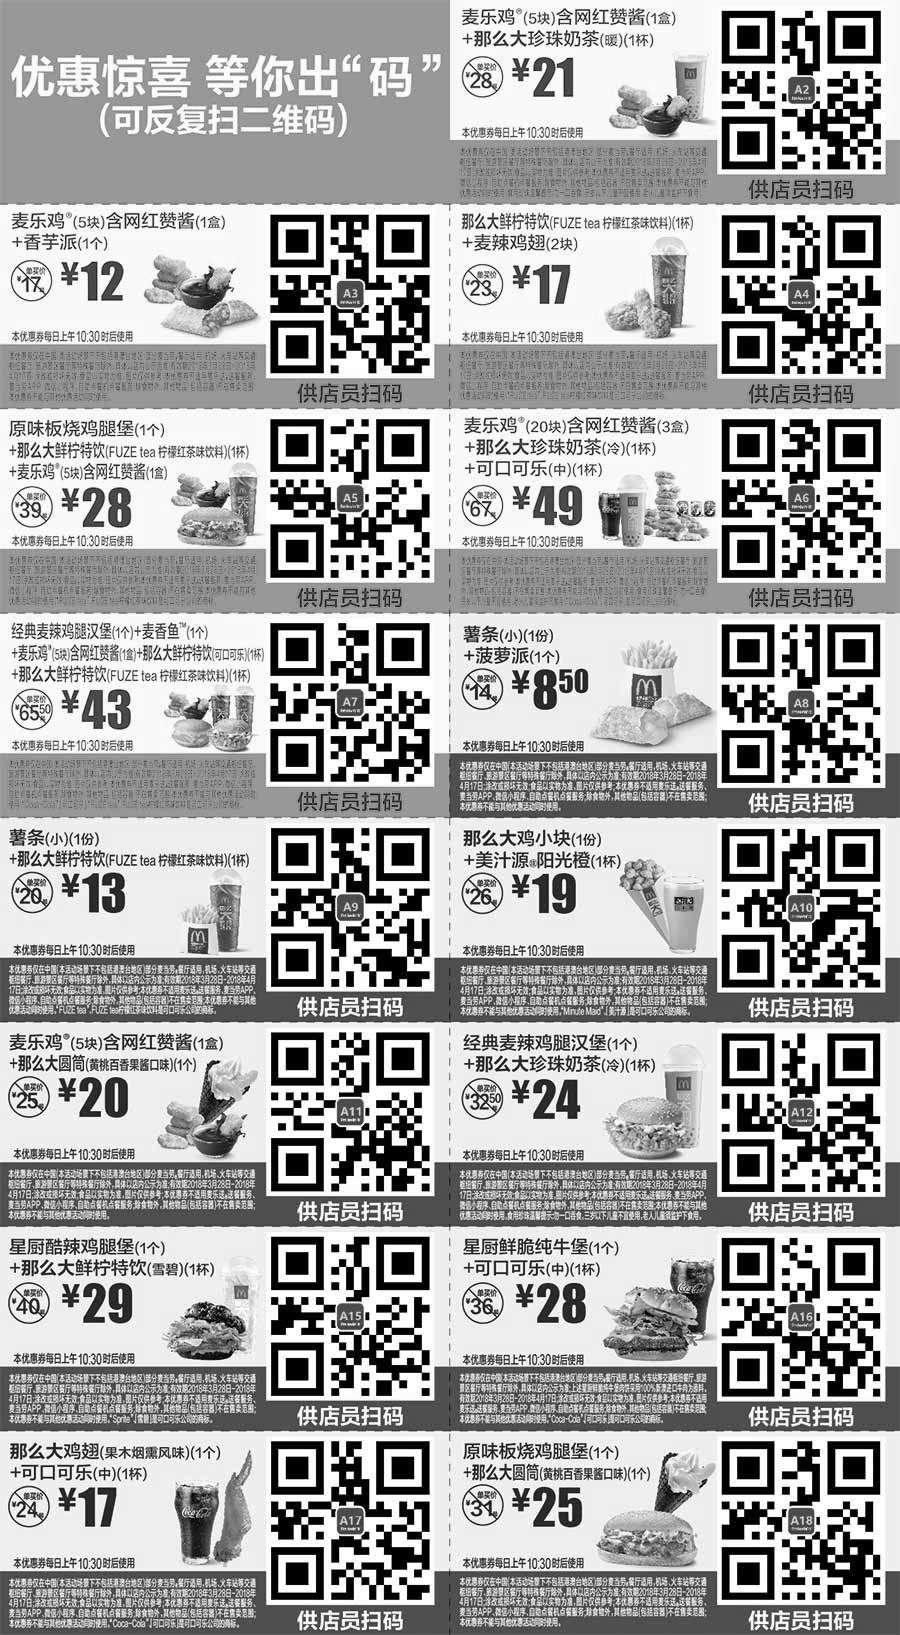 黑白优惠券图片:麦当劳优惠券2018年4月份手机版整张版本,点餐出示给店员扫码享优惠价 - www.5ikfc.com